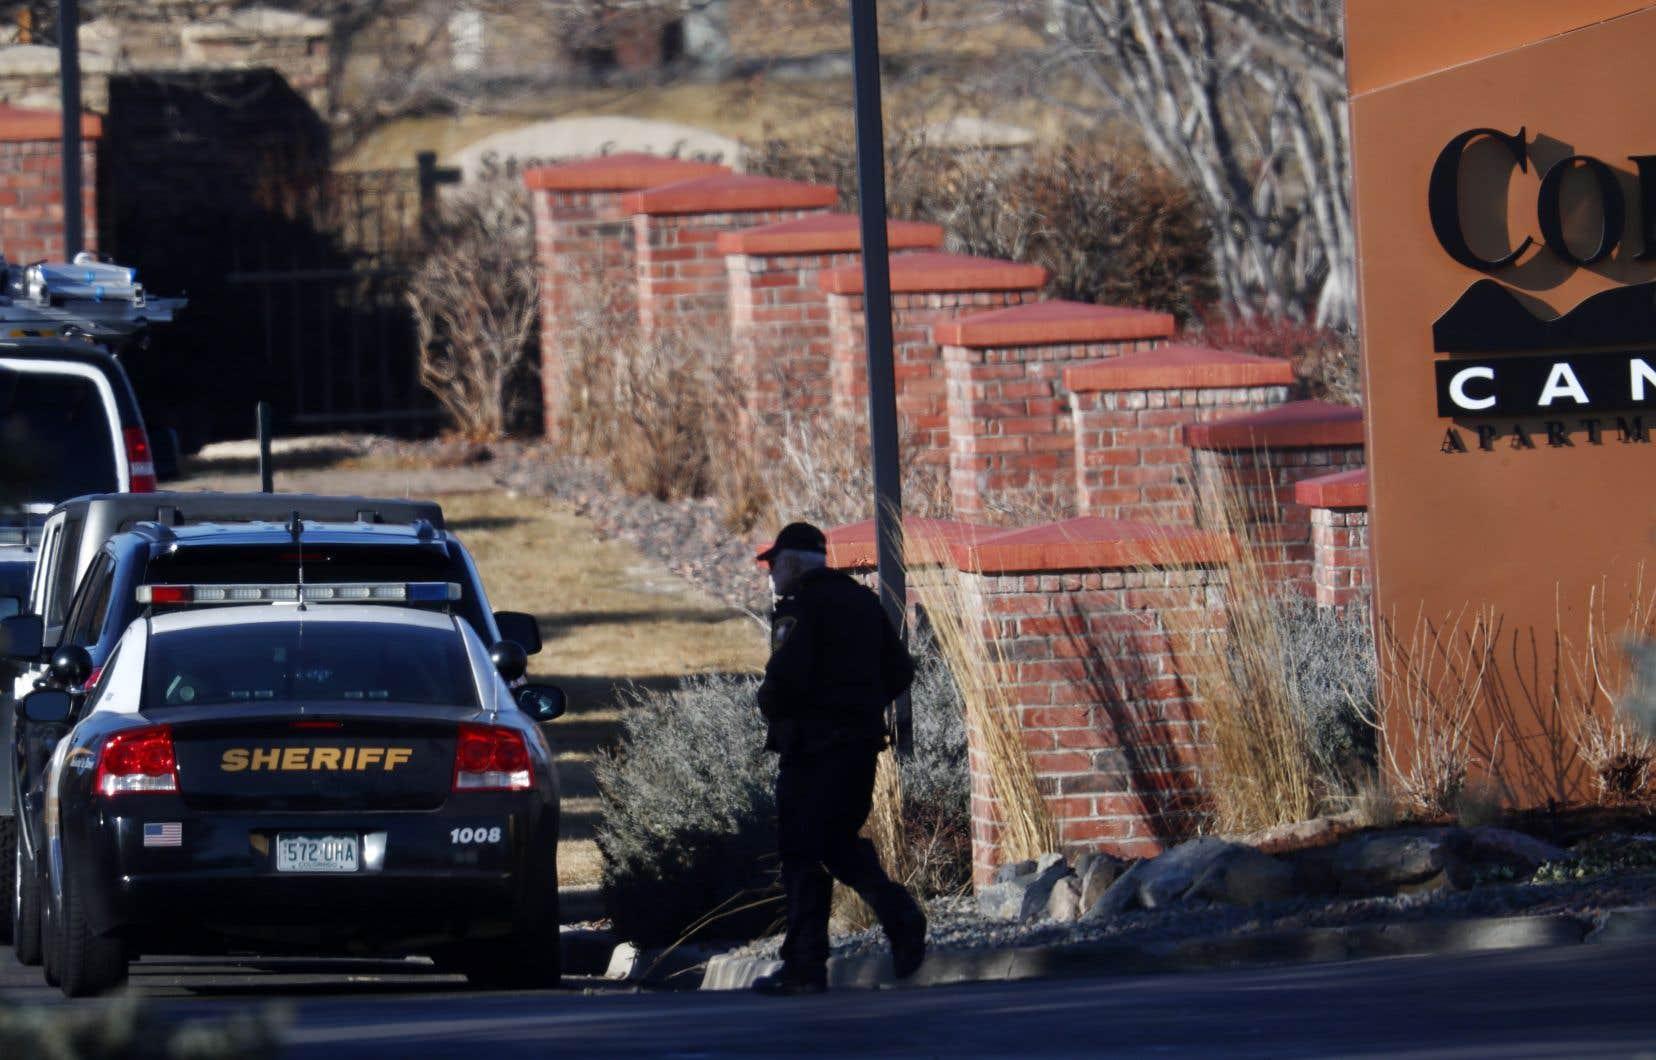 Les policiers avaient été appelés en tout début de matinée lorsque des coups de feu avaient été tirés depuis l'immeuble.